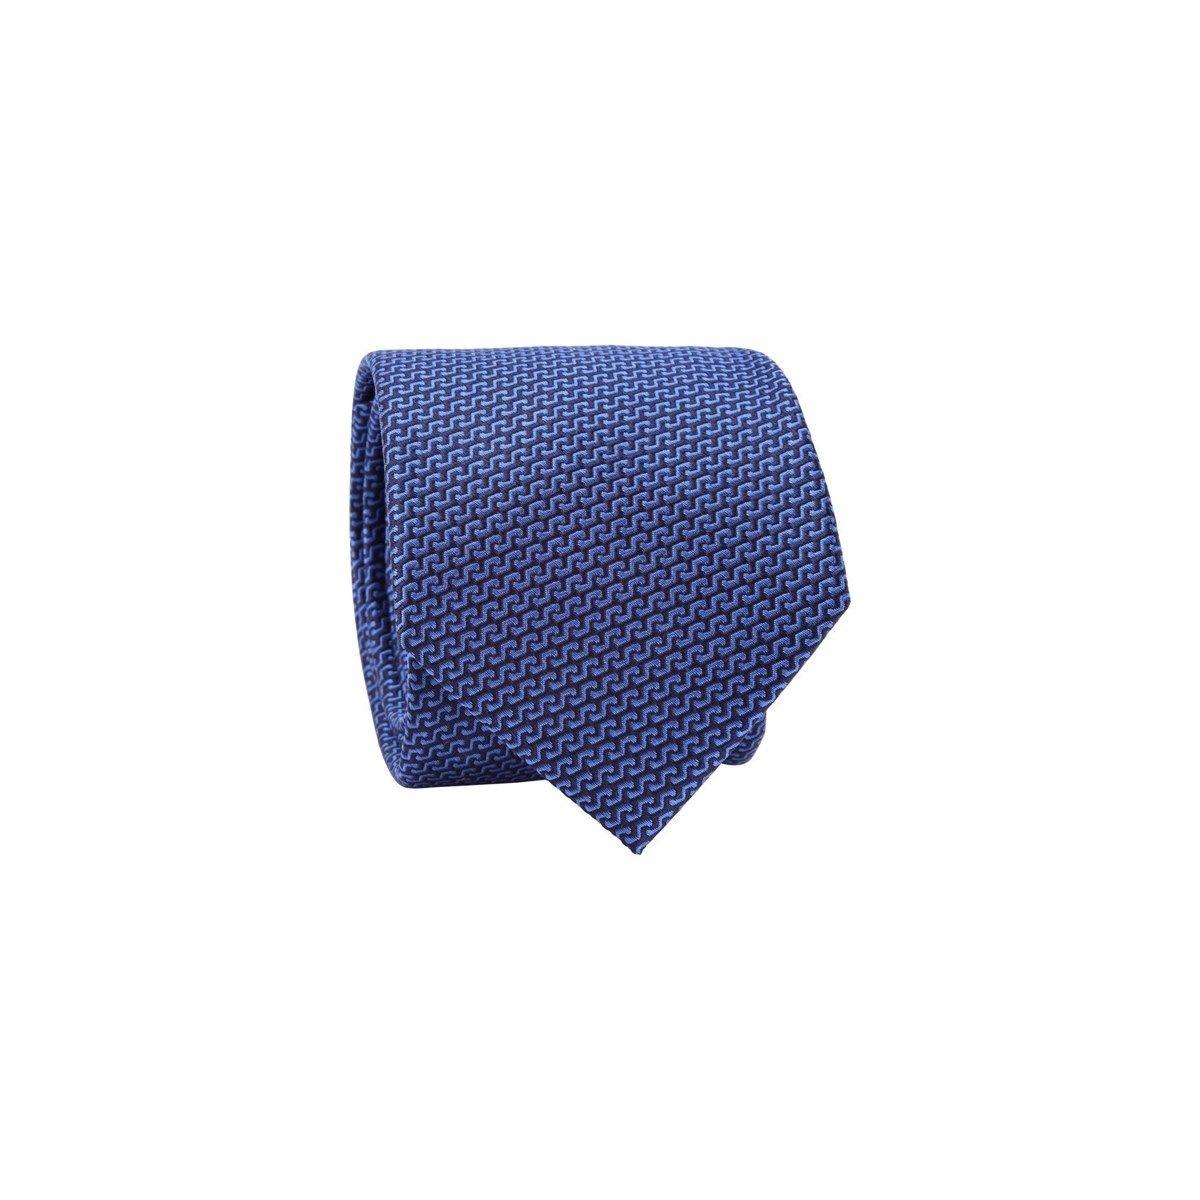 Cravate 100% soie motif géométrique